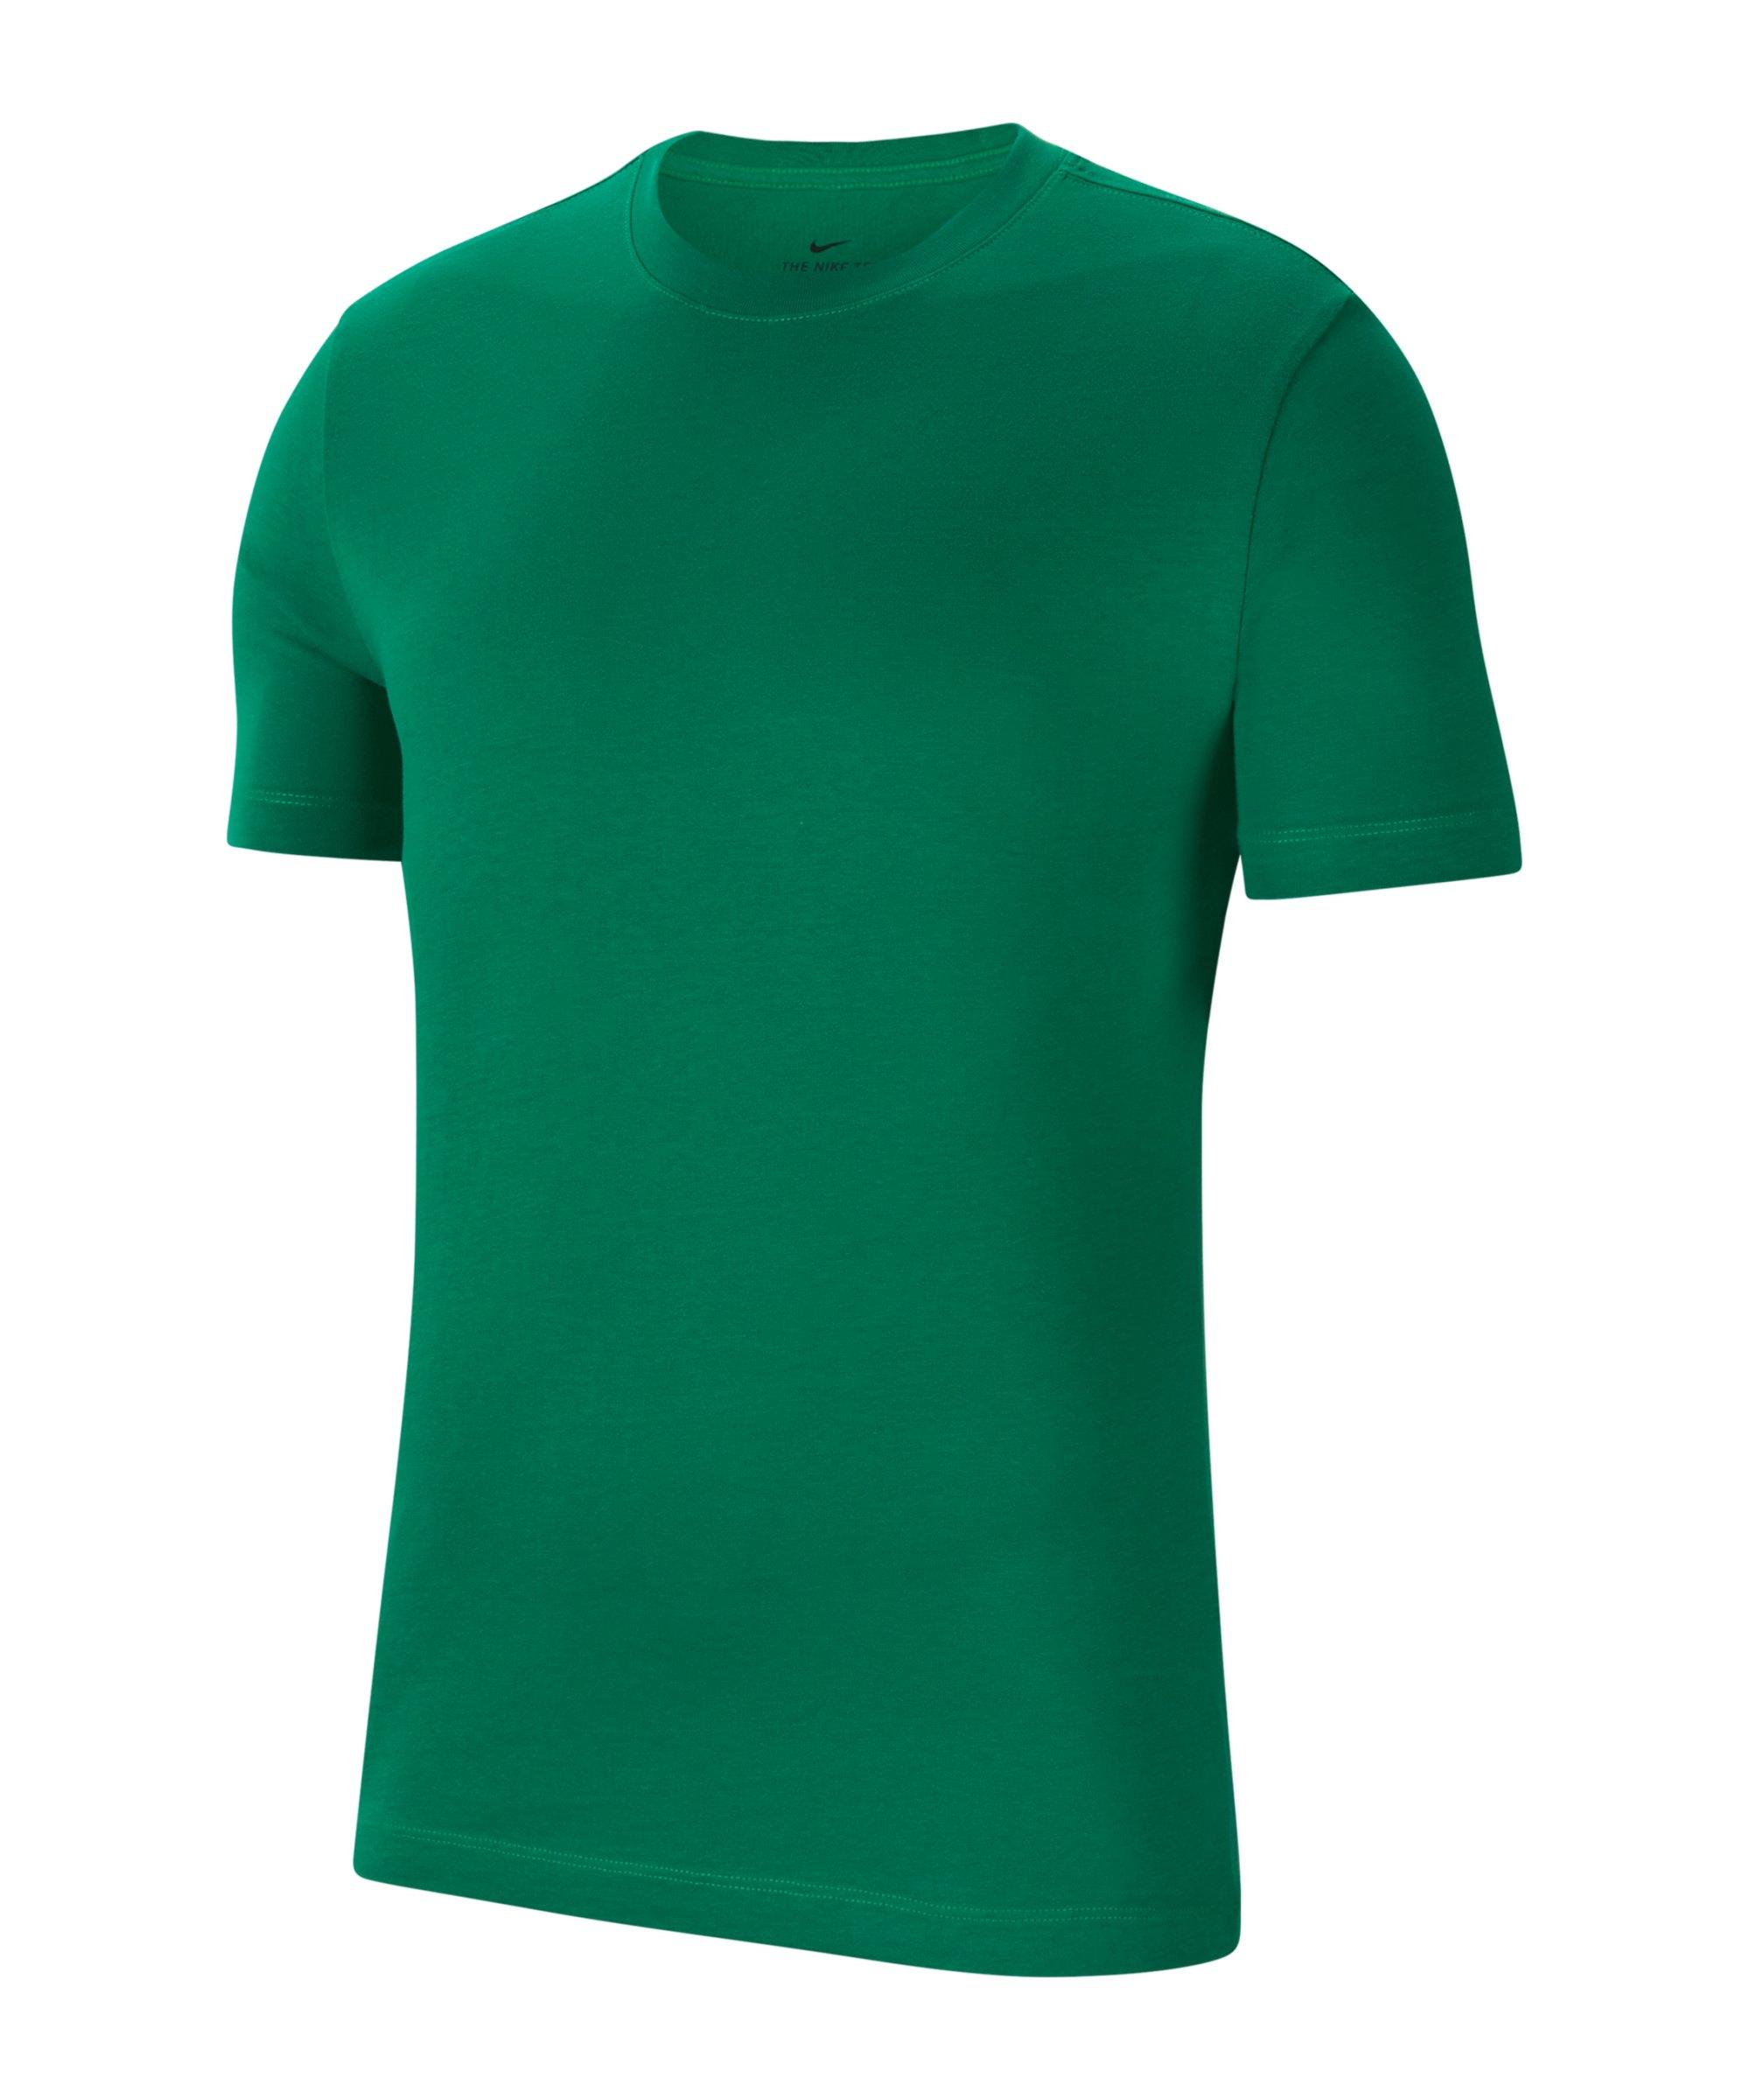 Nike Park 20 T-Shirt Grün Weiss F302 - gruen